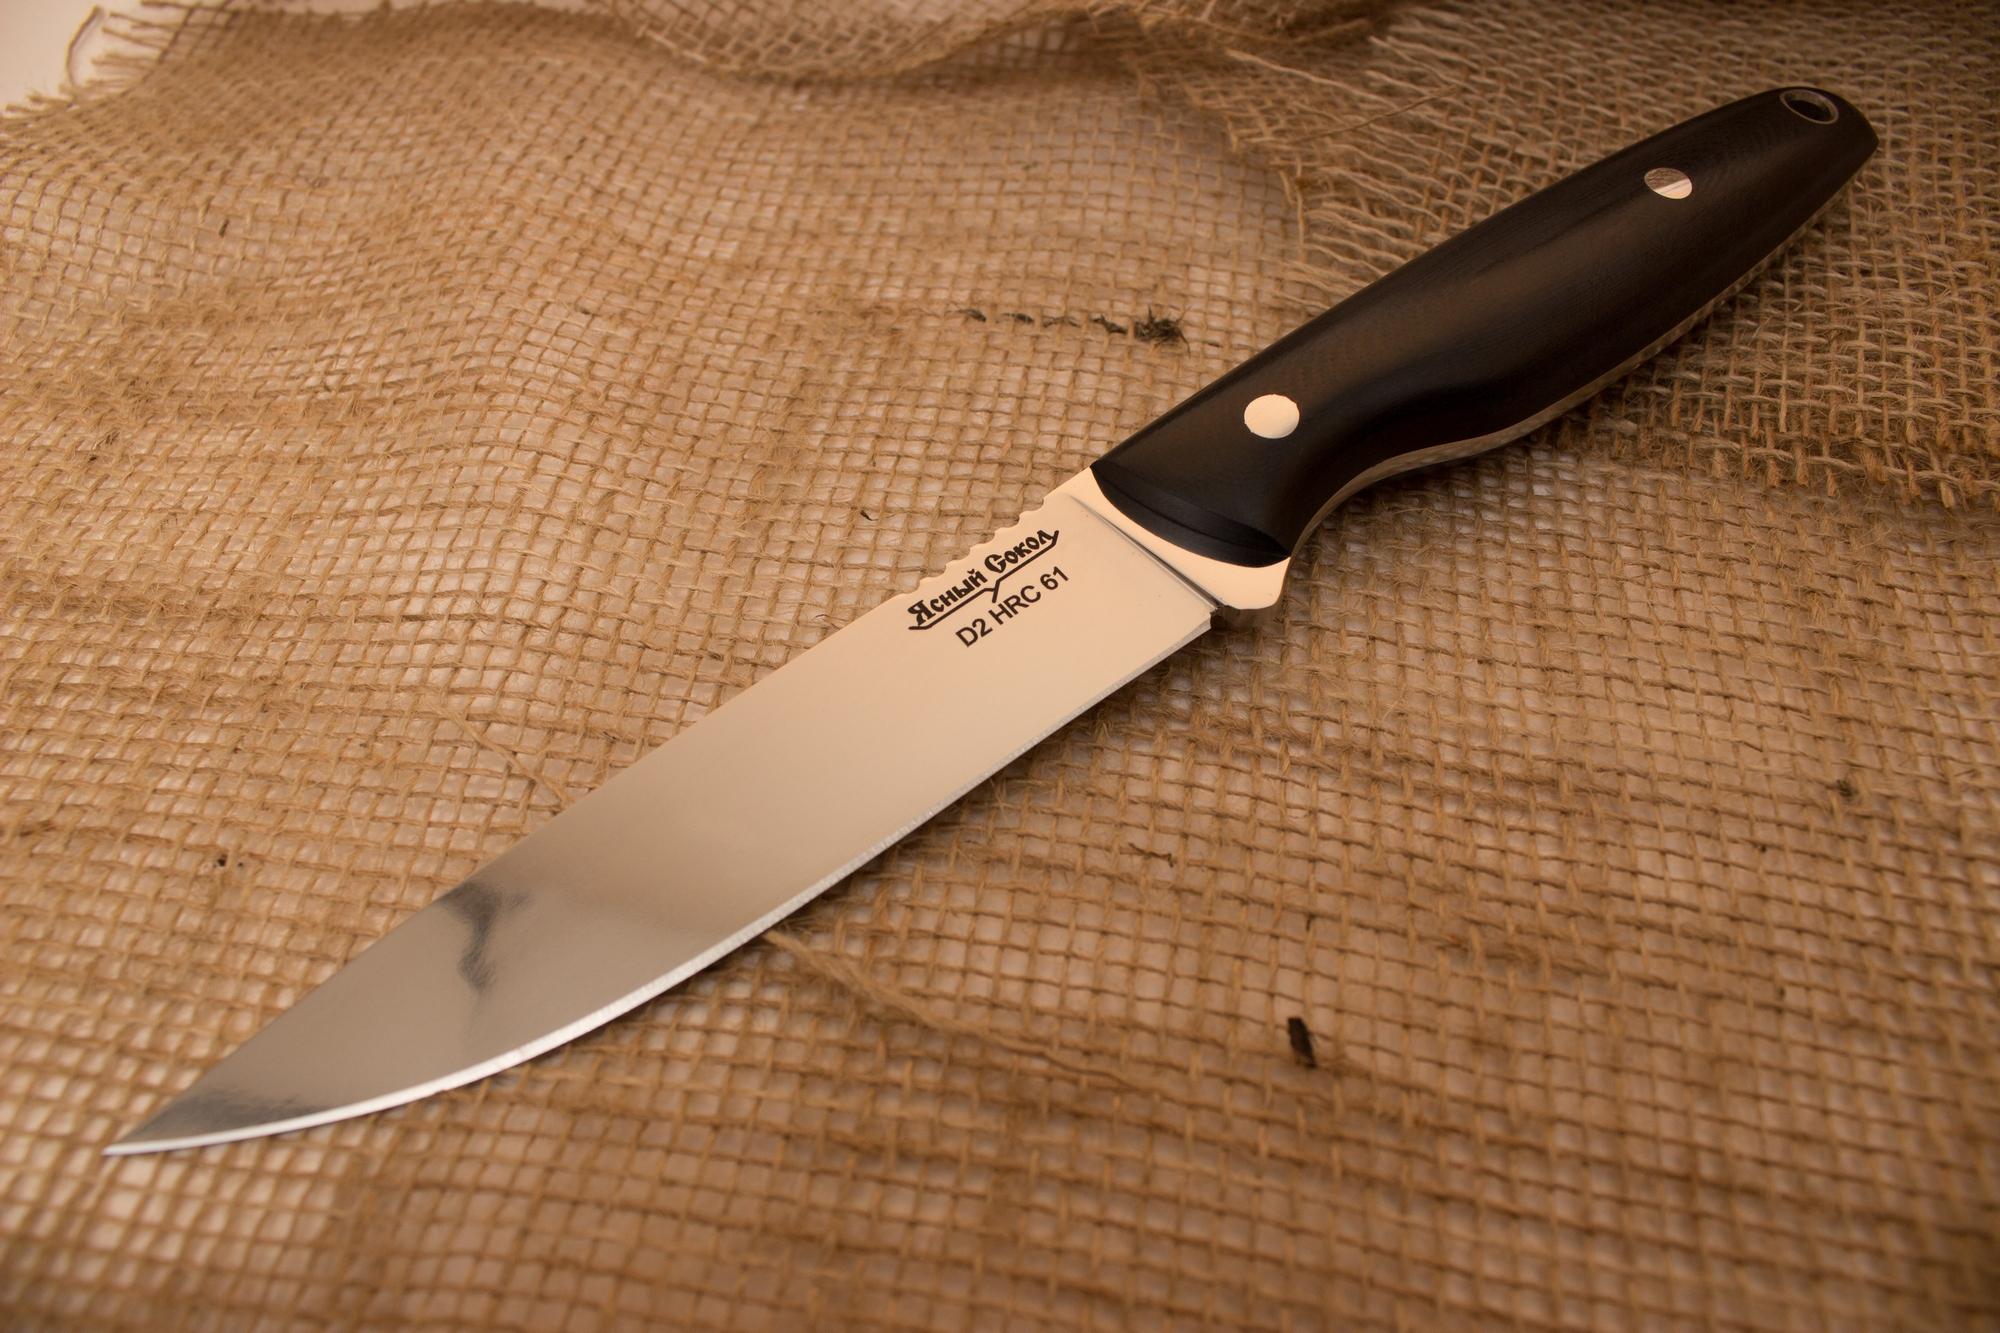 Нож  Хищник 2Ножи Павлово<br>Характеристики:<br><br>Марка стали клинка: D2<br>Длина ножа (мм):  250 мм<br>Длина клинка (мм): 125 мм<br>Длина рукояти (мм): 125 мм<br>Наибольшая ширина клинка (мм): 24,5 мм<br>Толщина обуха (мм): 3,5 мм<br>Твердость стали: 61 HRC<br>Материал рукояти: G10<br>Материал ножен: кожа<br>Страна изготовитель: Россия<br>Производитель: Ясный Сокол<br><br>Описание:<br><br>Нож Хищник 2 очень хорош на кухне. Легко промывается и продувается. Комфортно сидит в руке, выполнит любую нарезку. Со своей задачей справится лучше любого «кухонника».<br>Данный вид клинка имеет прямой обух и способен прокалывать острием. Острие находится выше оси приложения силы при уколе. Имеет прямой клин с подводами к режущей кромке. Хорошо приспособлен для реза. На обухе имеются насечки под палец.<br>Рукоять имеет подпальцевую выемку, обеспечивающие прочное удержание ножа и безопасность его использования. Рукоять изготавливается из материала G-10.<br>Ножны с логотипом «Ясный Сокол» изготовлены из прочной натуральной кожи, прошиты прочными и нитками и обработаны влагонепроницаемой пропиткой. Нож плотно сидит в ножнах, что исключает потерю ножа при беге. Ножны на жестком и свободном подвесе, стильные, простые (все для людей). Форма ножен подобранна так, что клинок не может острием их проткнуть или лезвием прорезать какую-либо из их частей.<br>